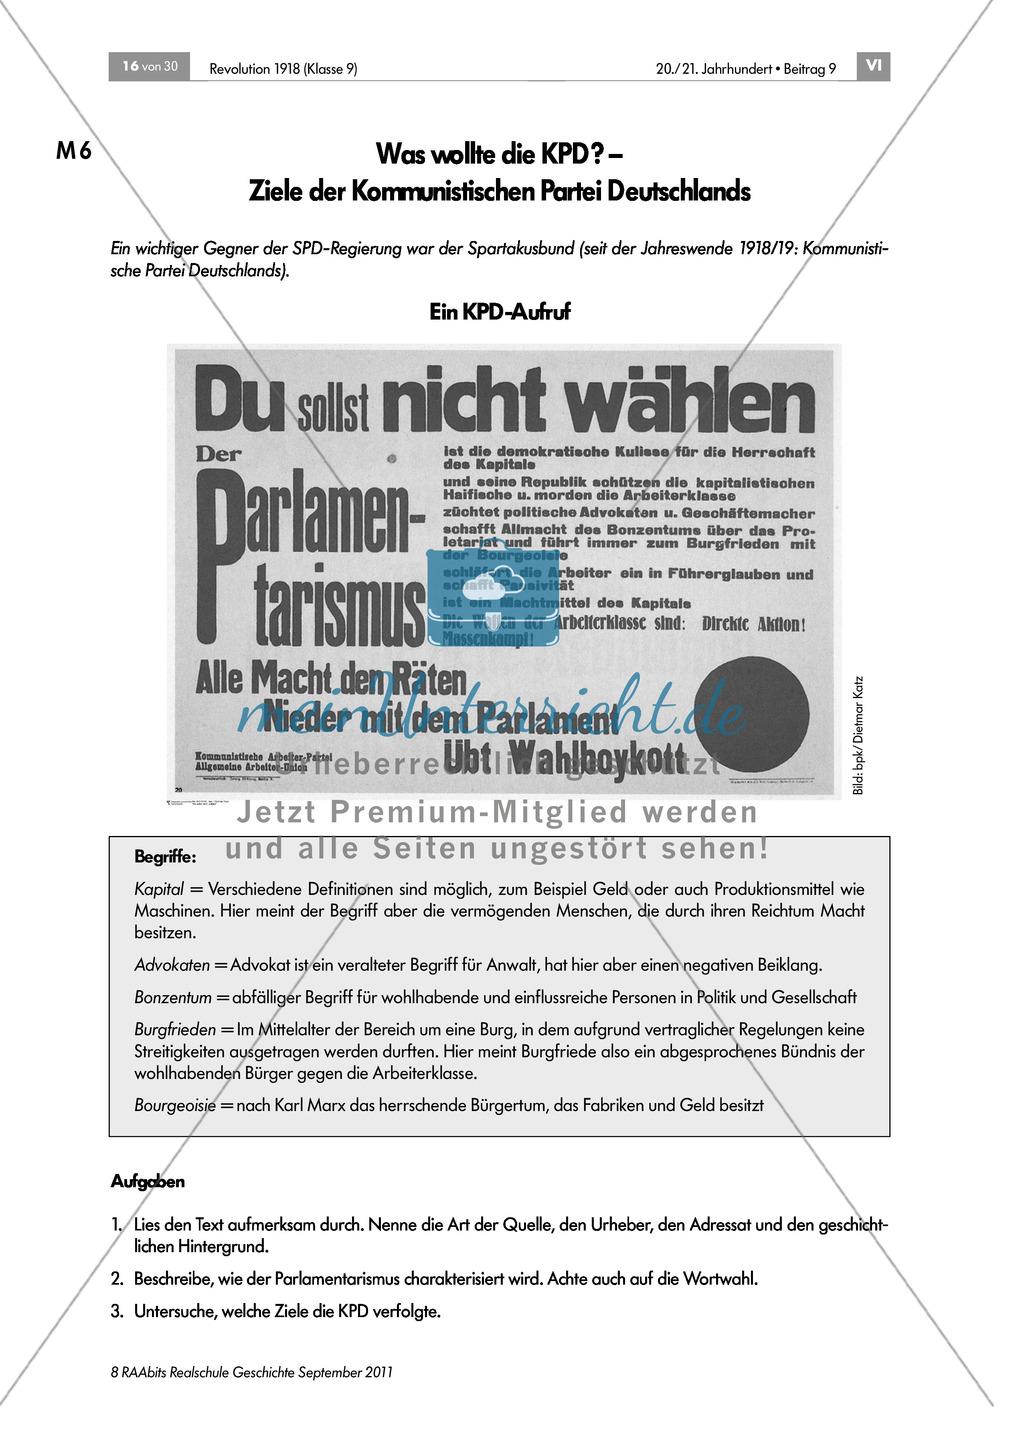 Quellen, Plakate, Flugblätter zum Spartakusbund und zur KPD in der Weimarer Republik mit Aufgaben Preview 0